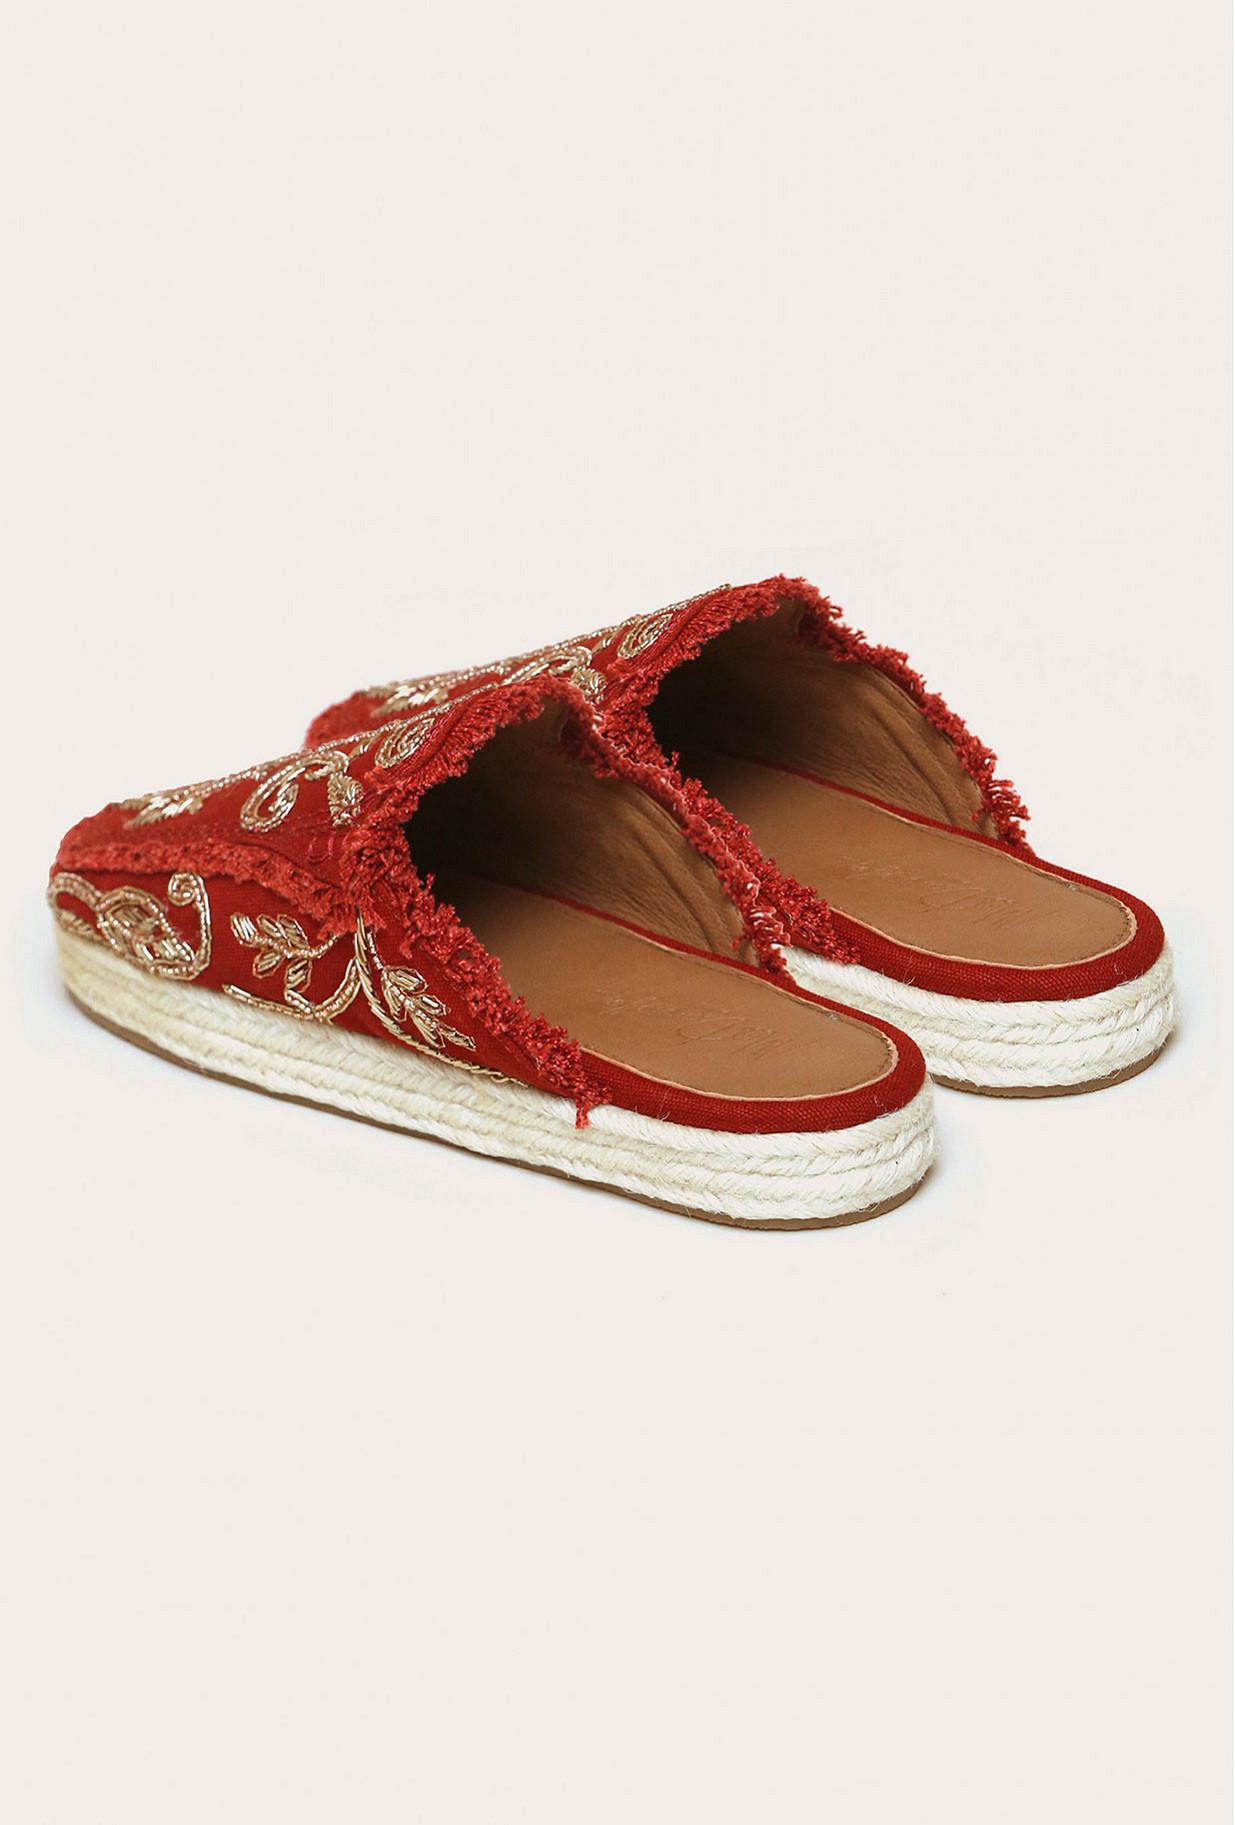 Red  Sandals  Givseppe Mes demoiselles fashion clothes designer Paris